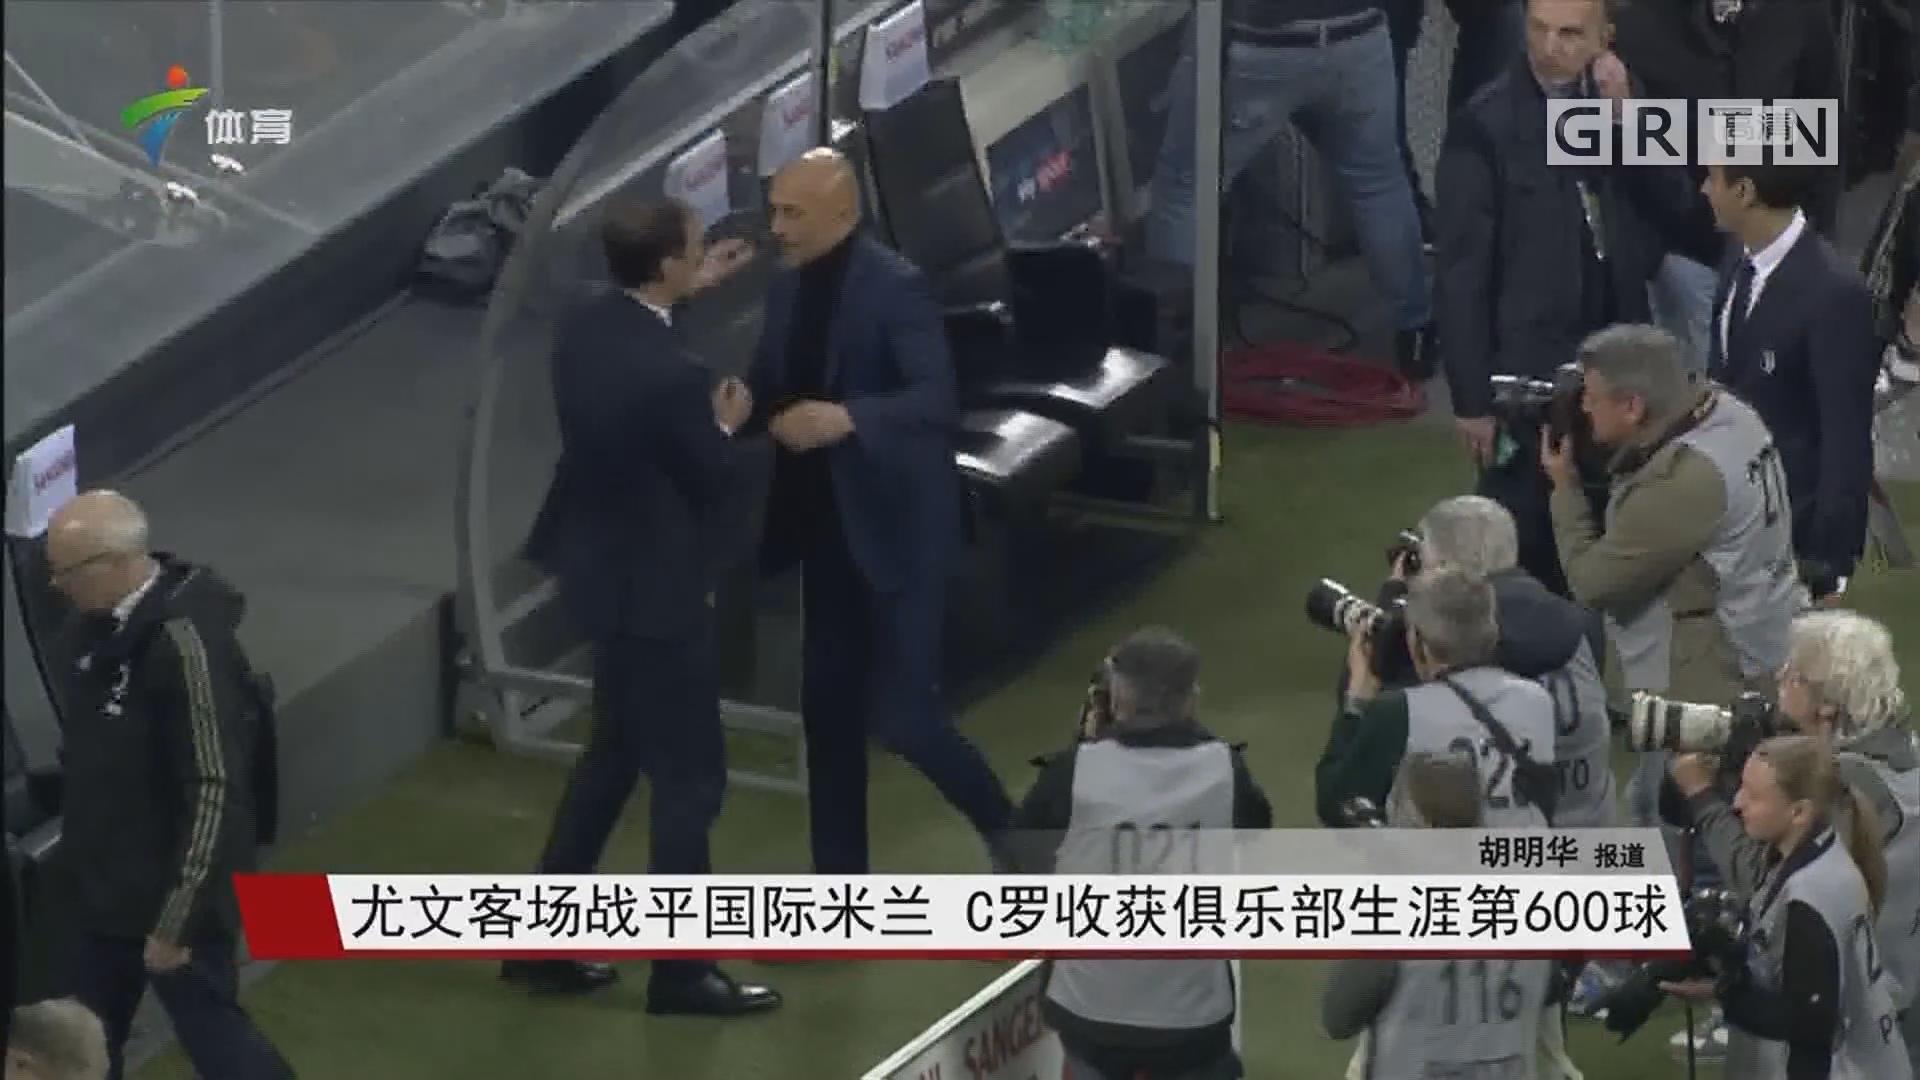 尤文客场战平国际米兰 C罗收获俱乐部生涯第600球